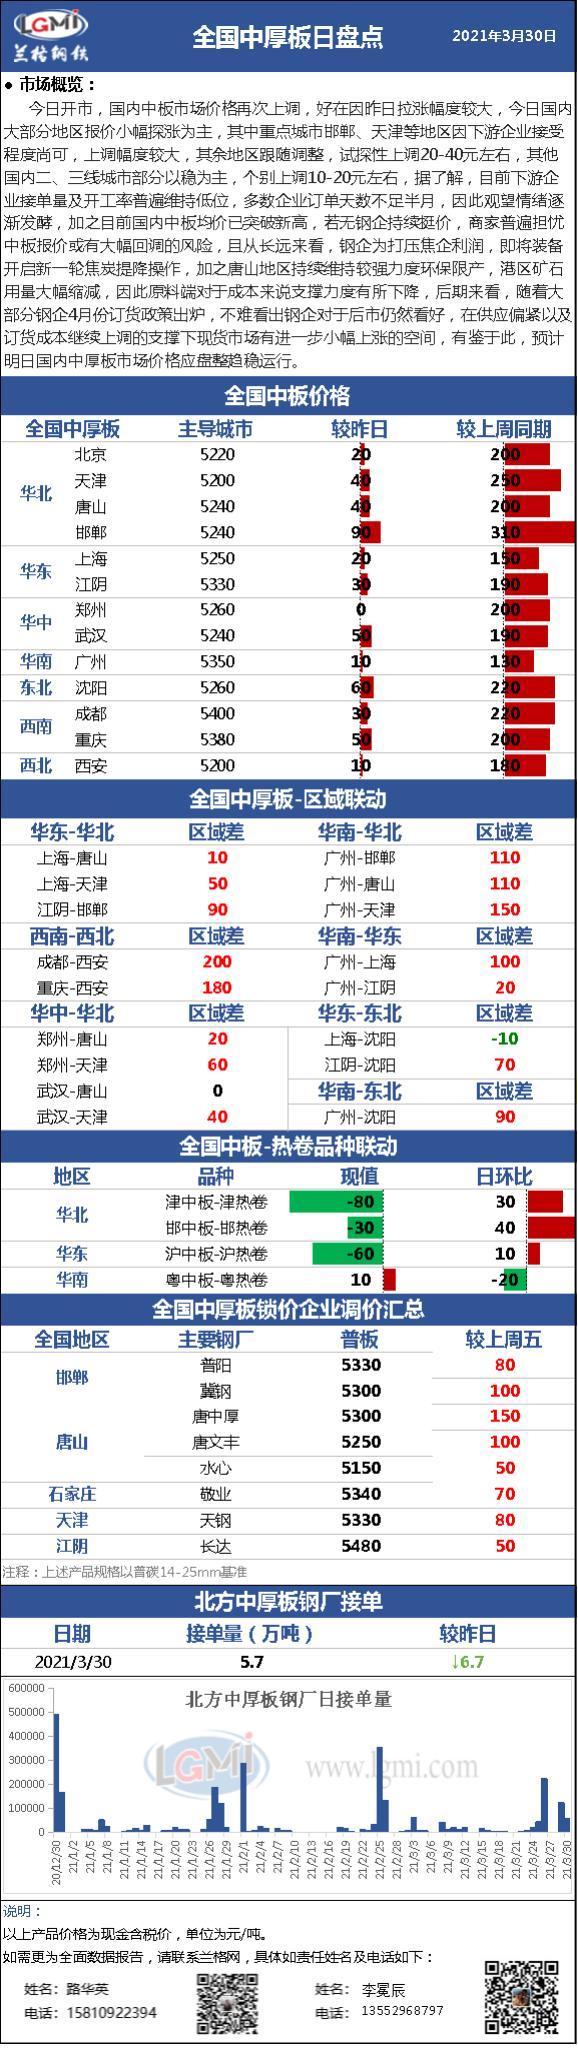 兰格中厚板日盘点(3.30):国内中厚板市场价格再次探涨 供应偏紧 价格居高不下